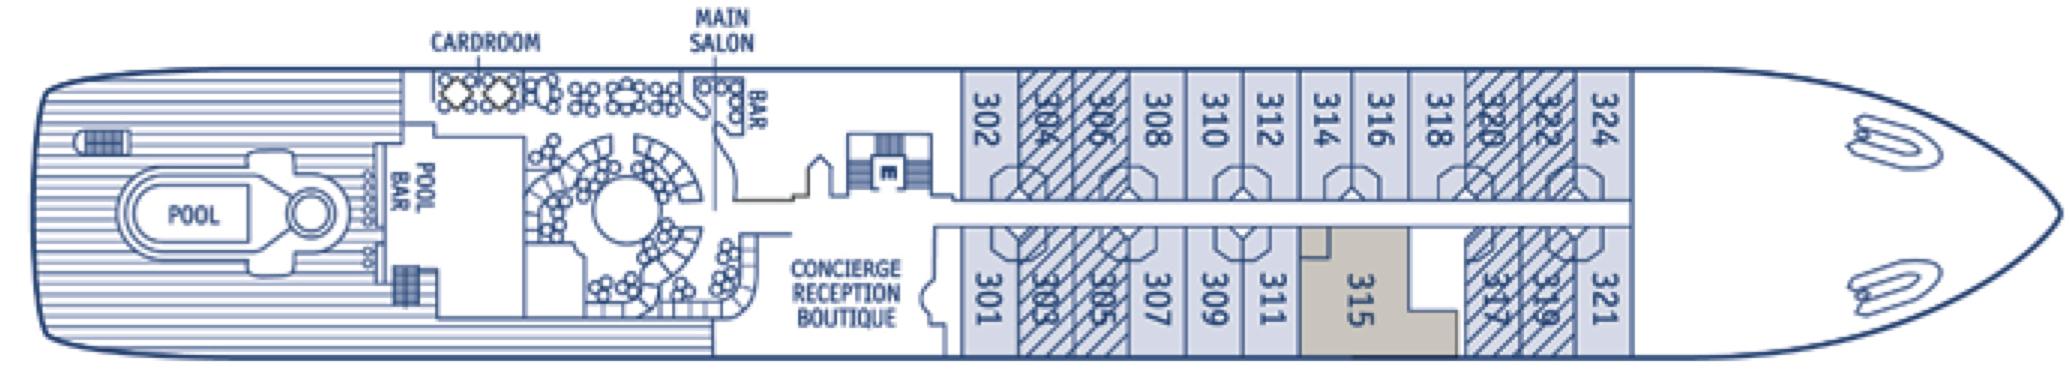 SeaDream Yacht Club Deck Plans Deck 3.jpg